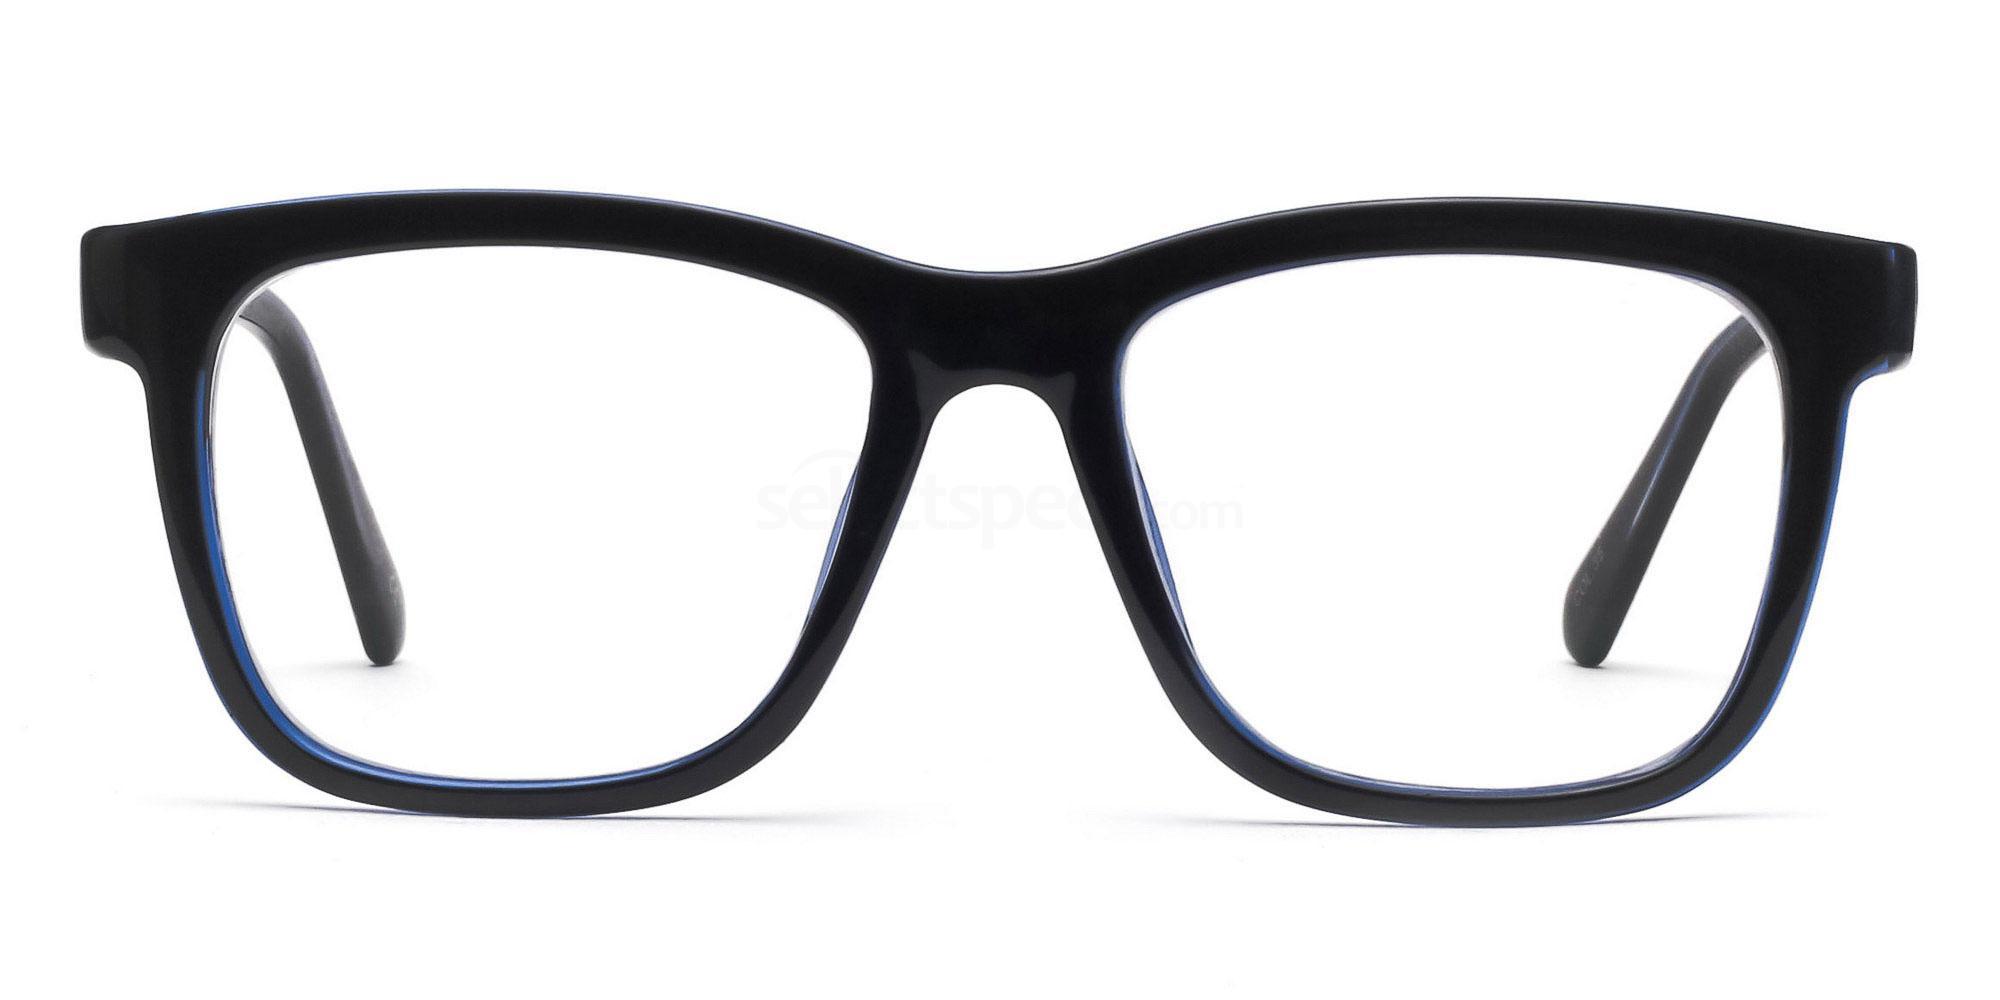 Savannah 2444 glasses